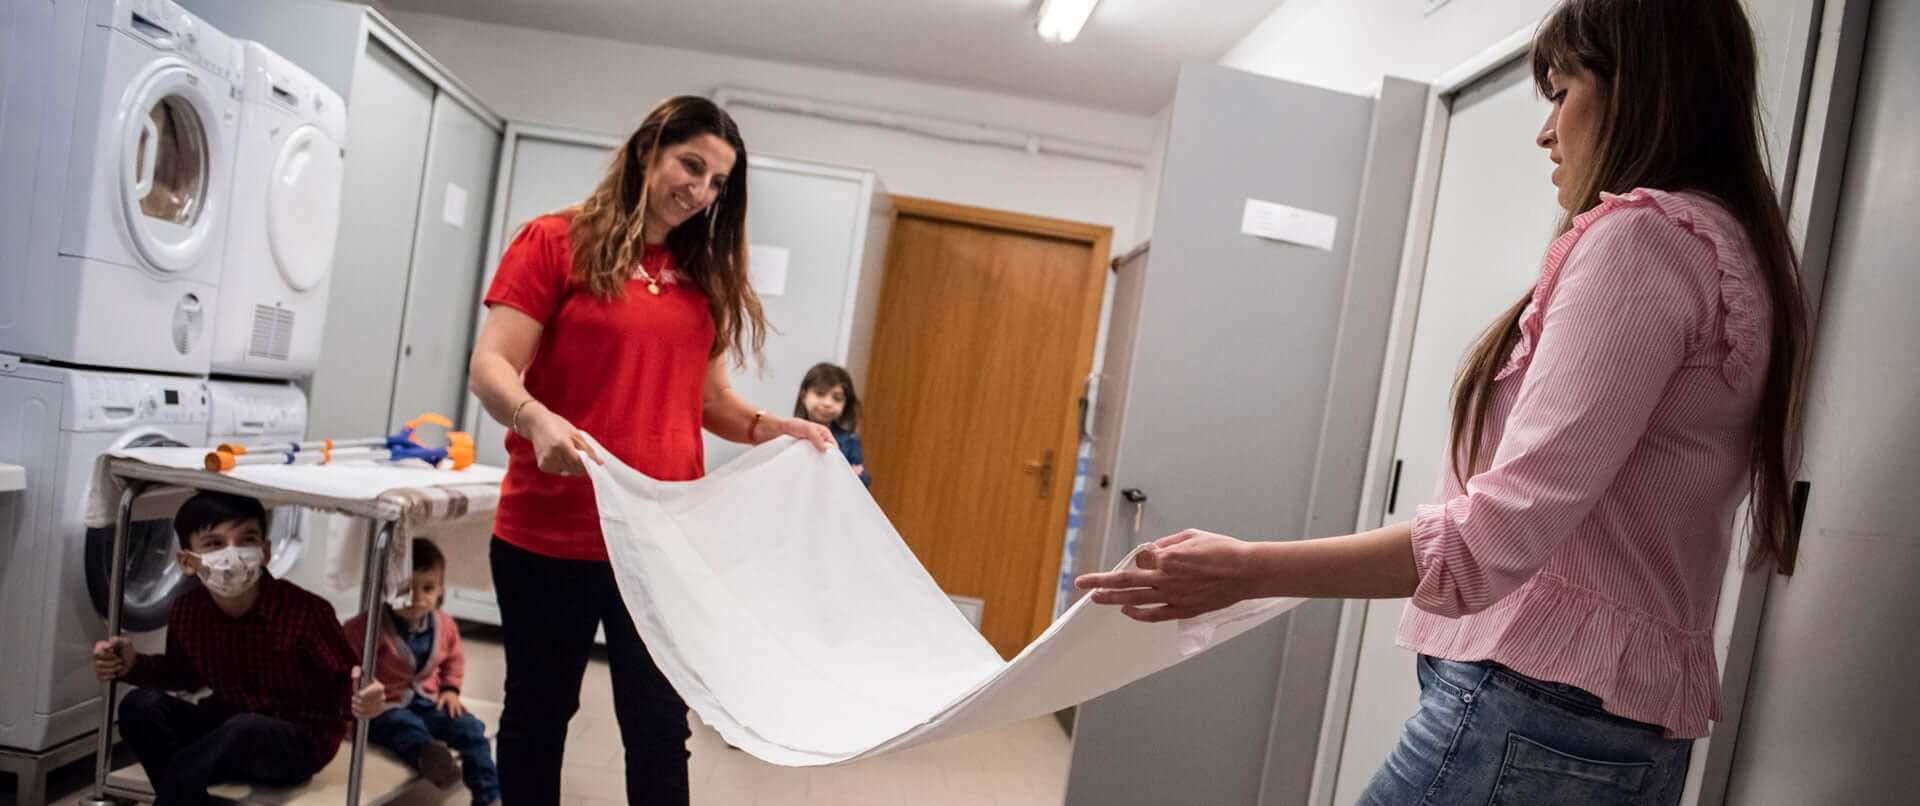 Due ragazze piegano un asciugamani